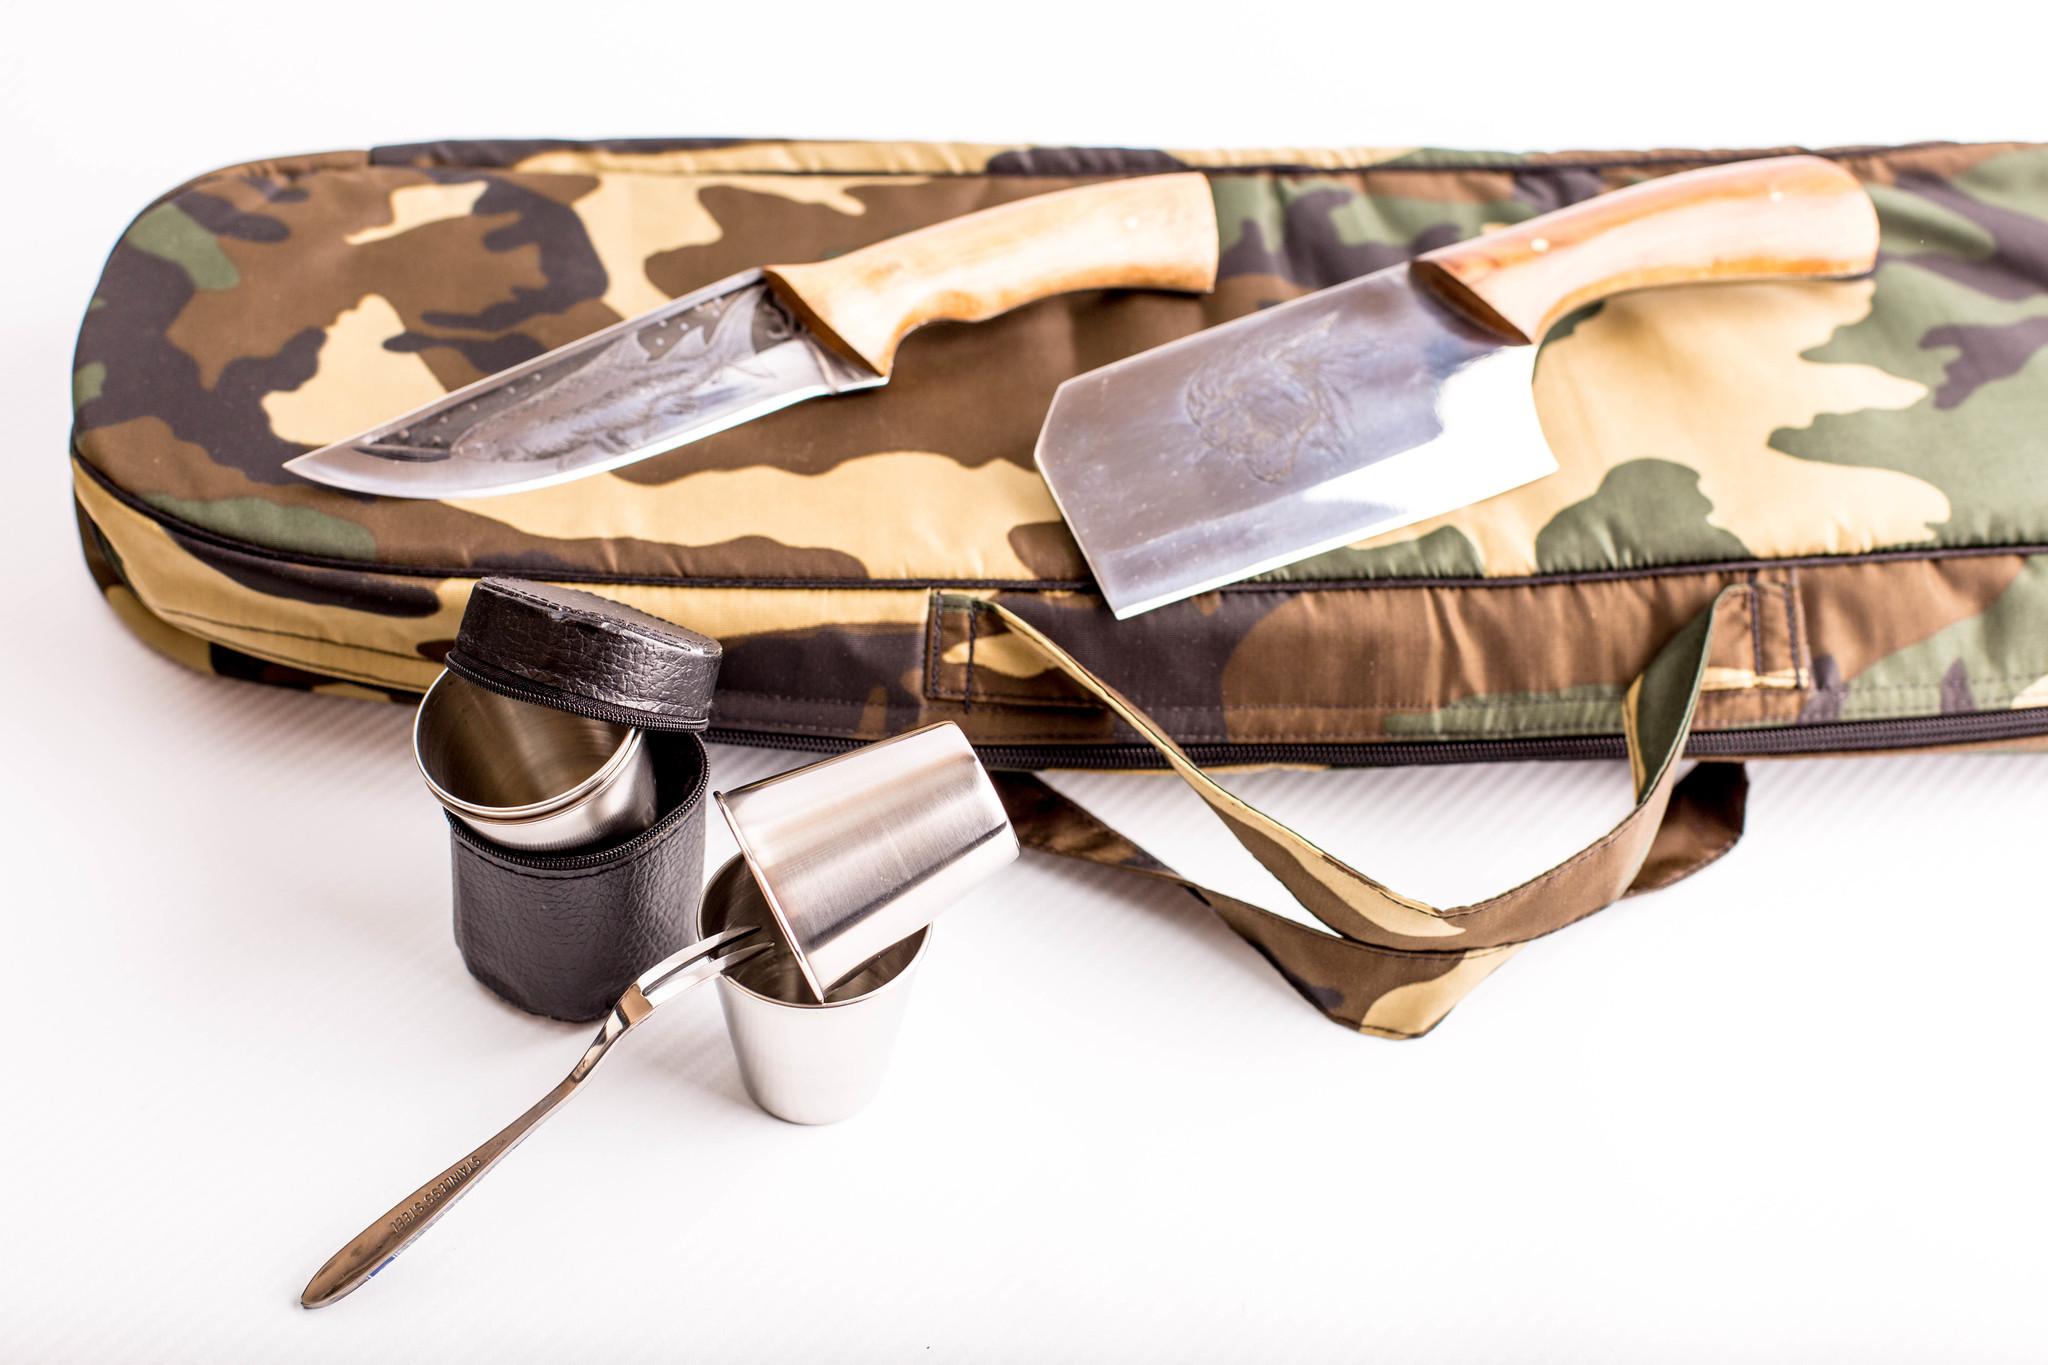 Фото 8 - Шашлычный набор Камуфляж, Кизляр от Кизляр СТО